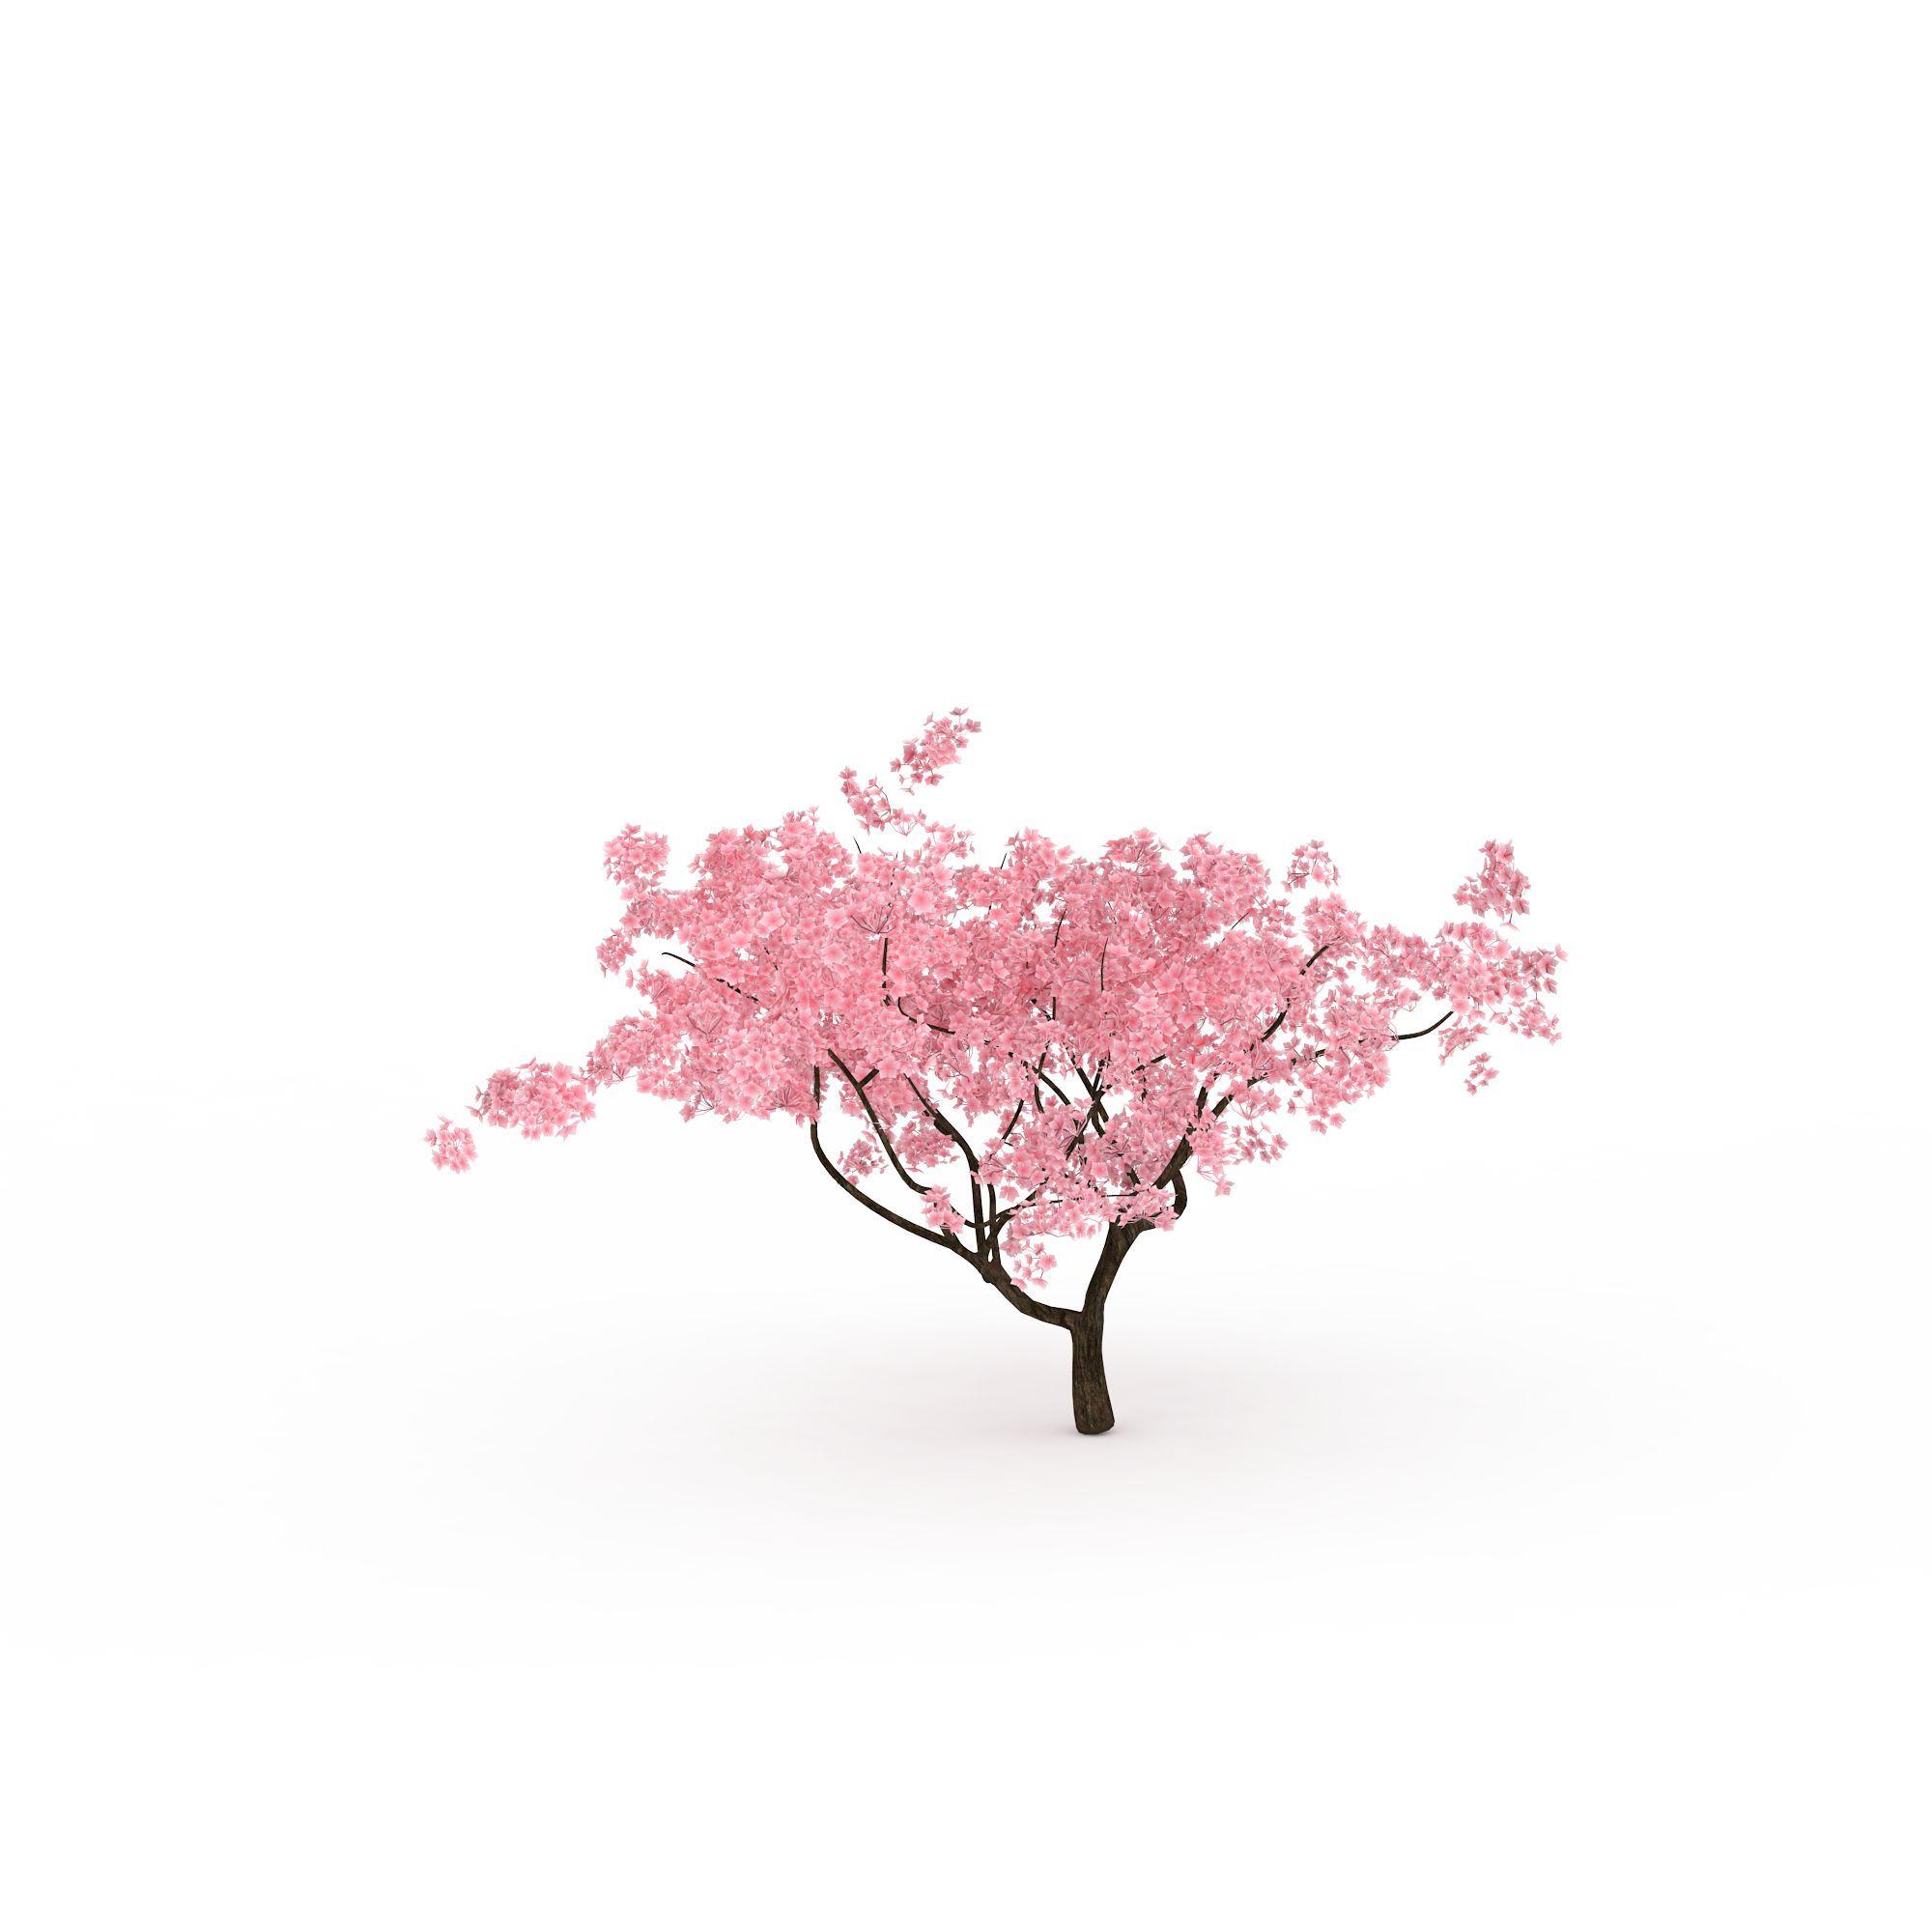 梅花树高清图下载